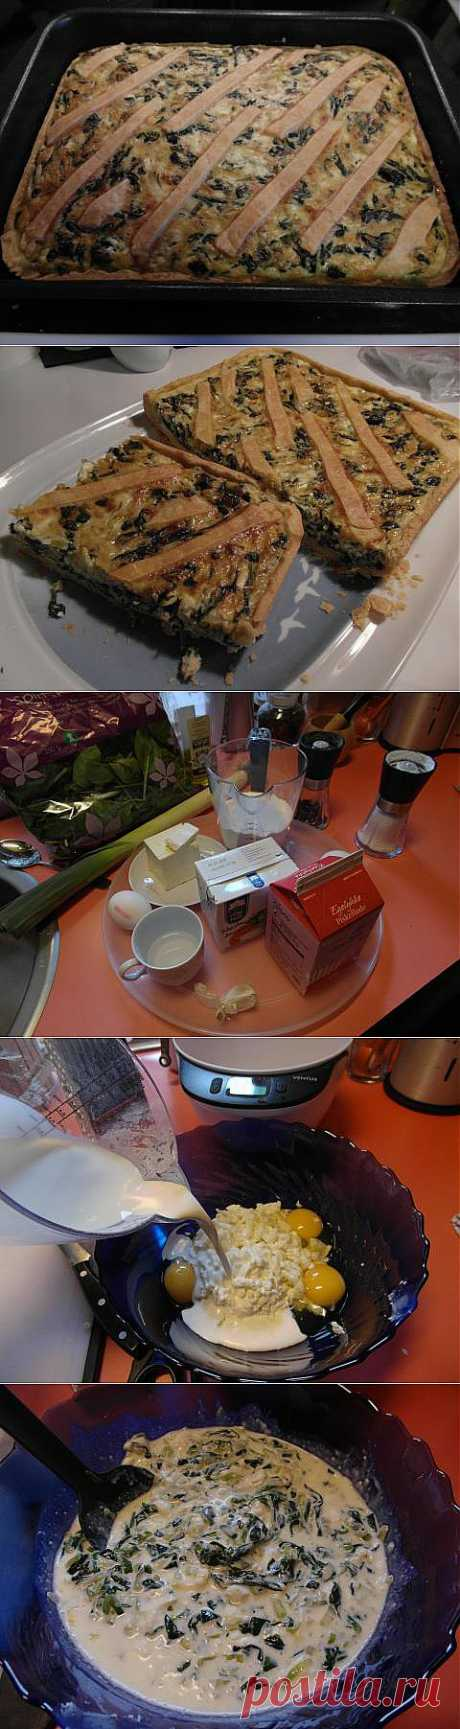 Киш со шпинатом, пореем и белым сыром   4vkusa.ru